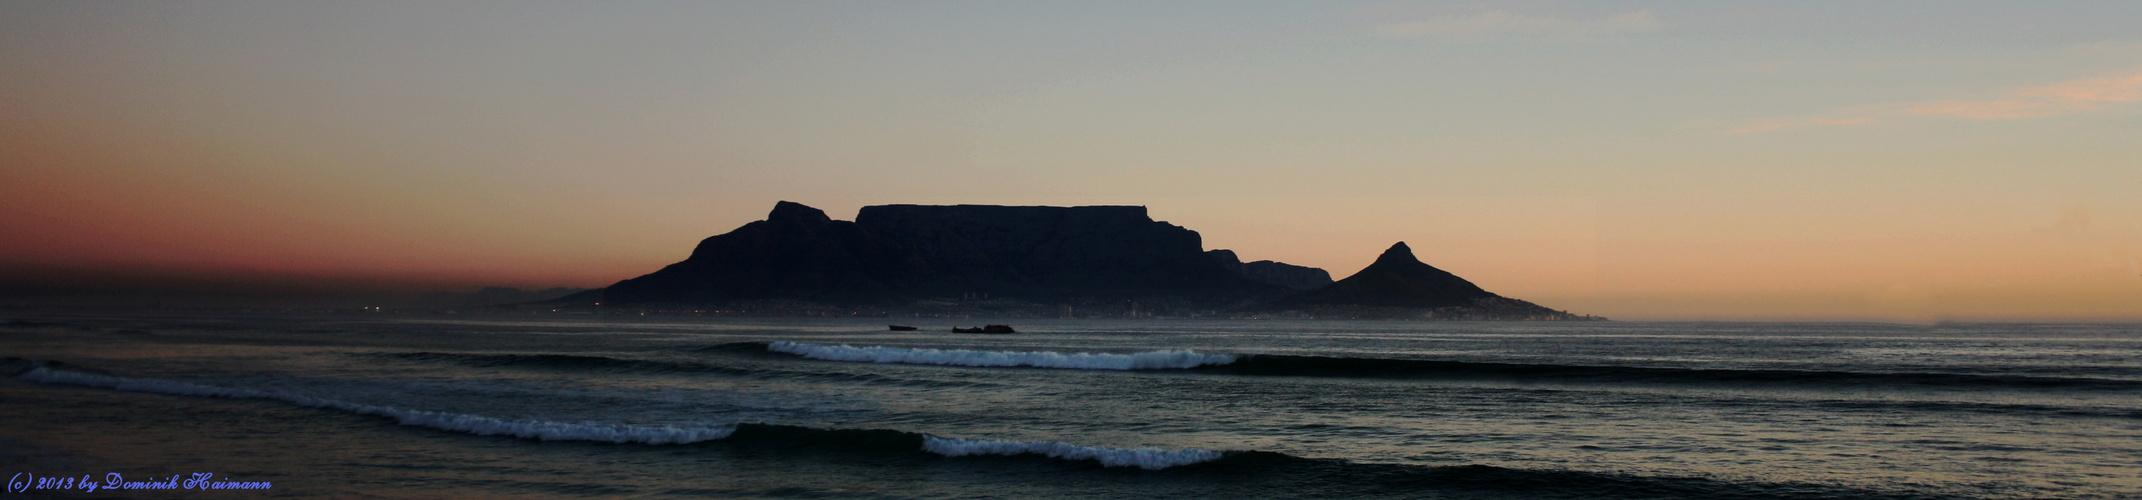 Sonnenuntergang am Strand von Blouberg